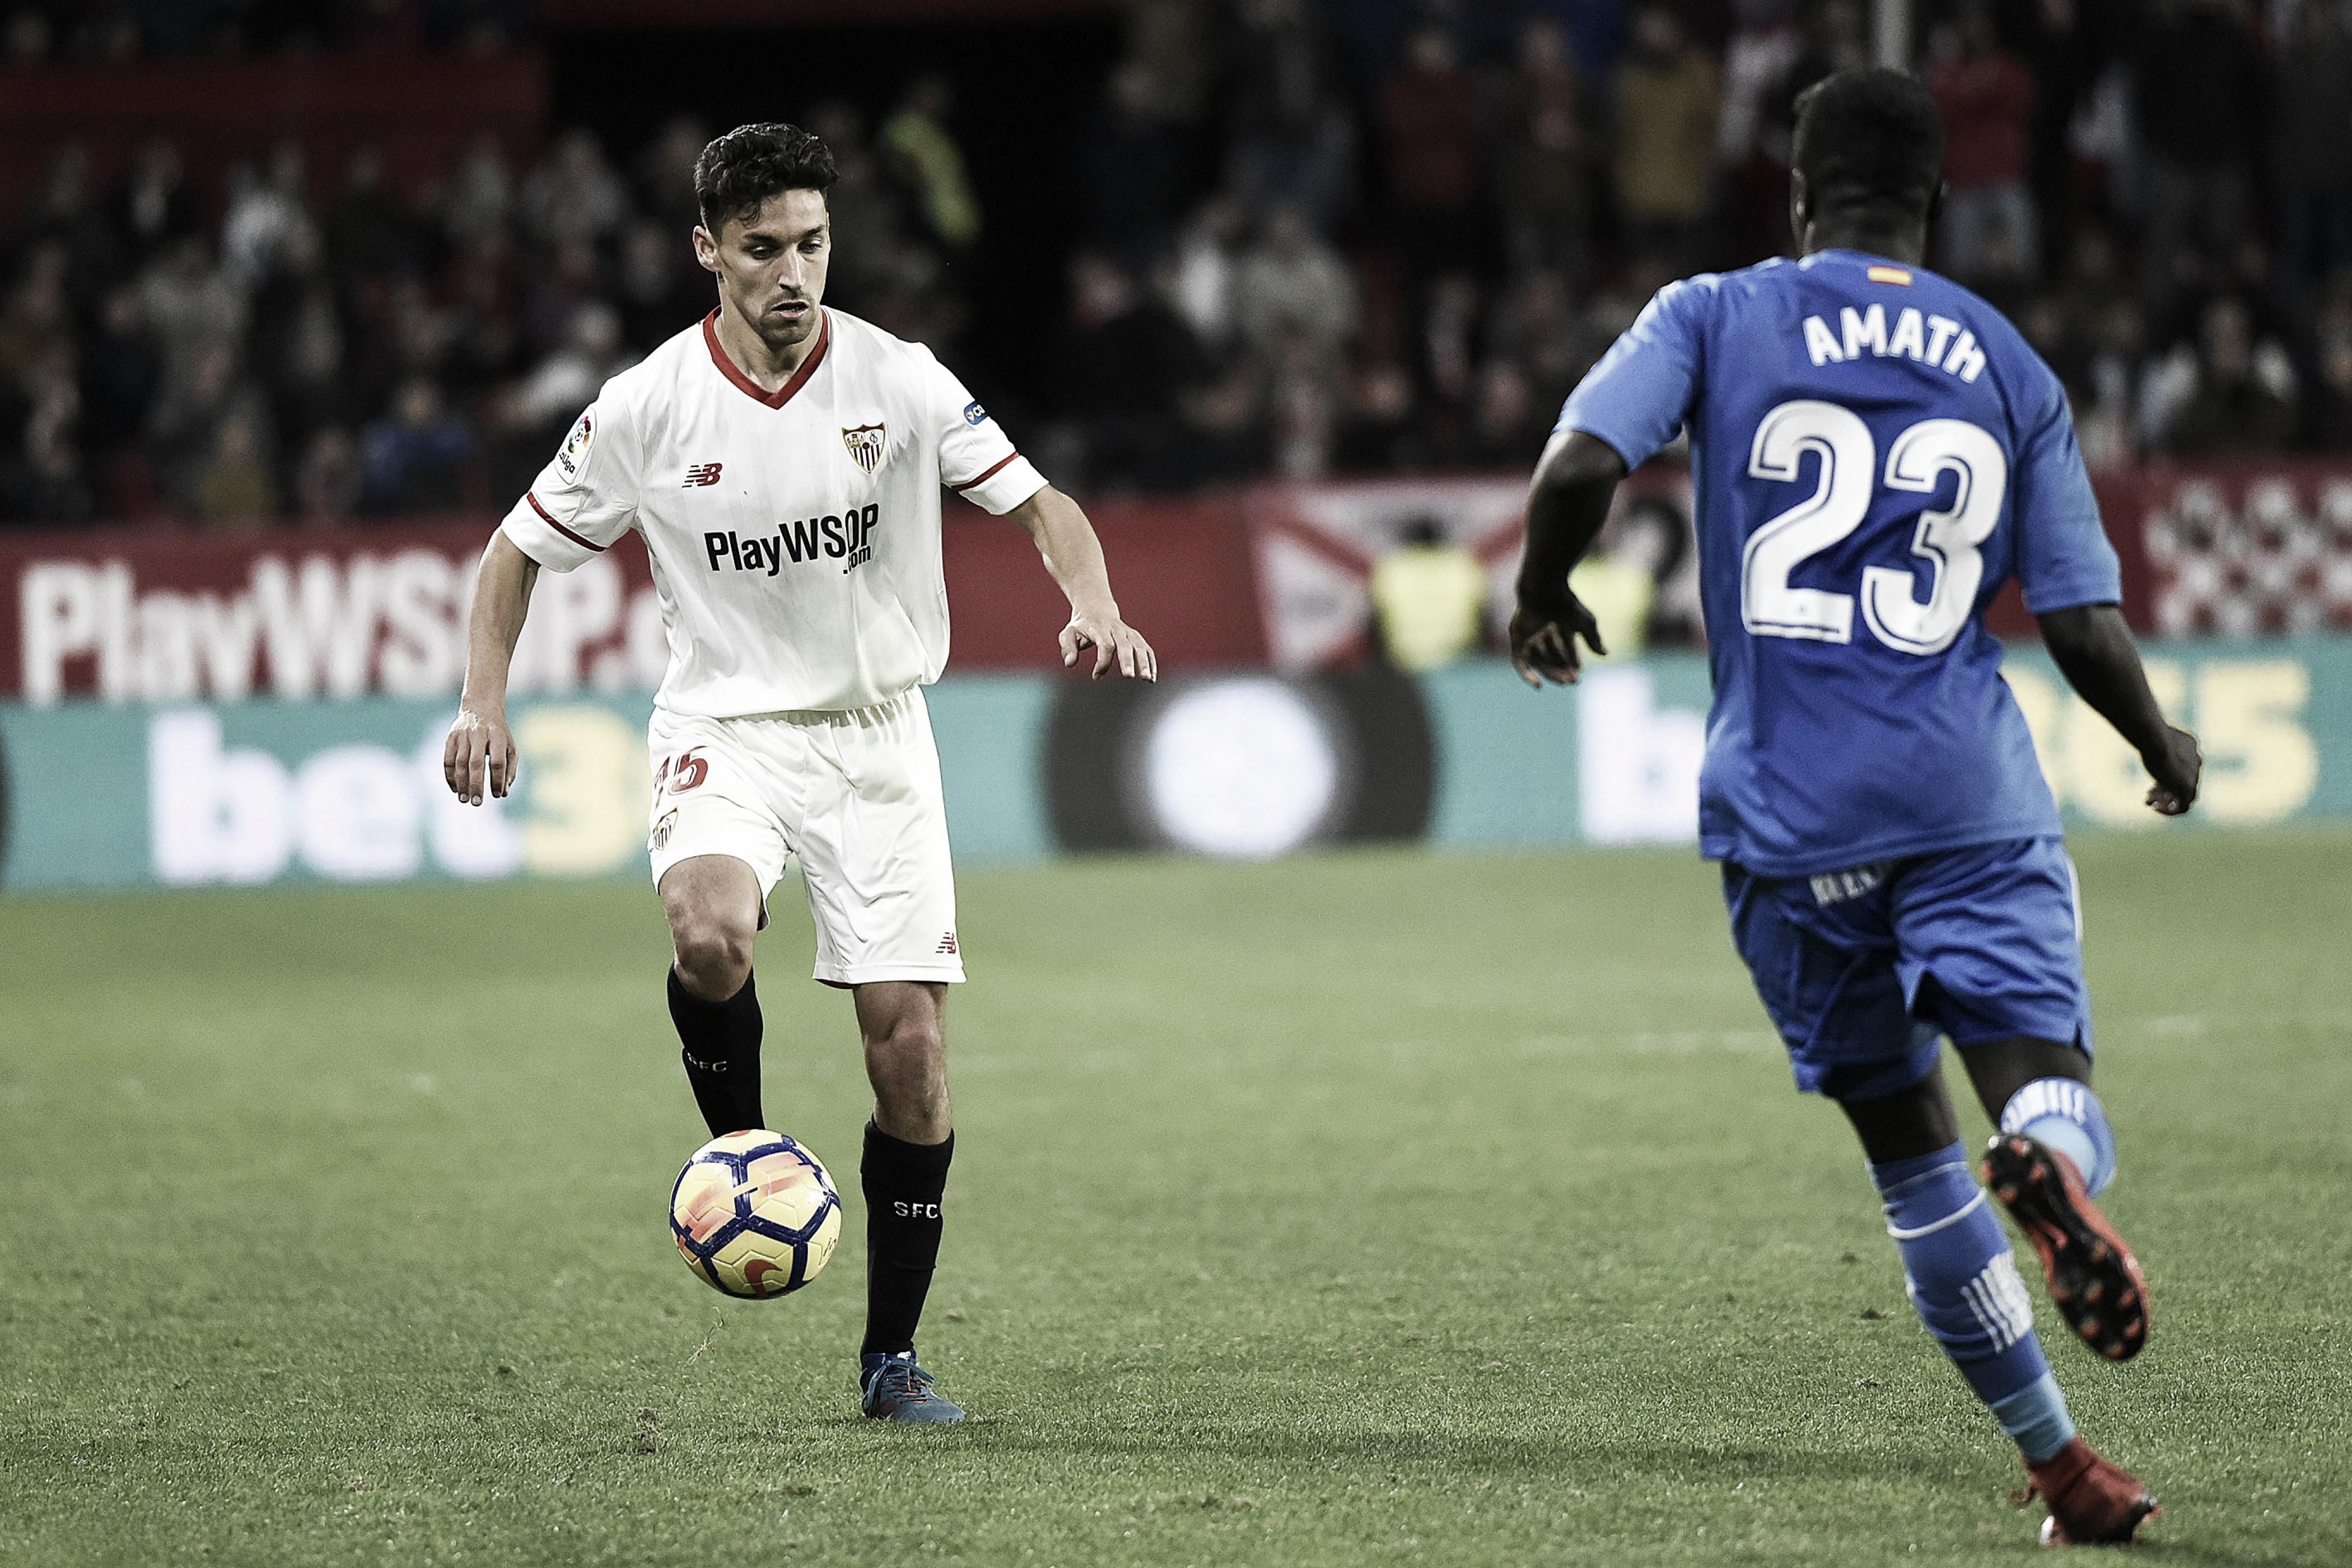 Resultado De La Liga Santander En Directo Getafe Vs Real: Sevilla FC Vs Getafe CF En Vivo Y En Directo En La Liga